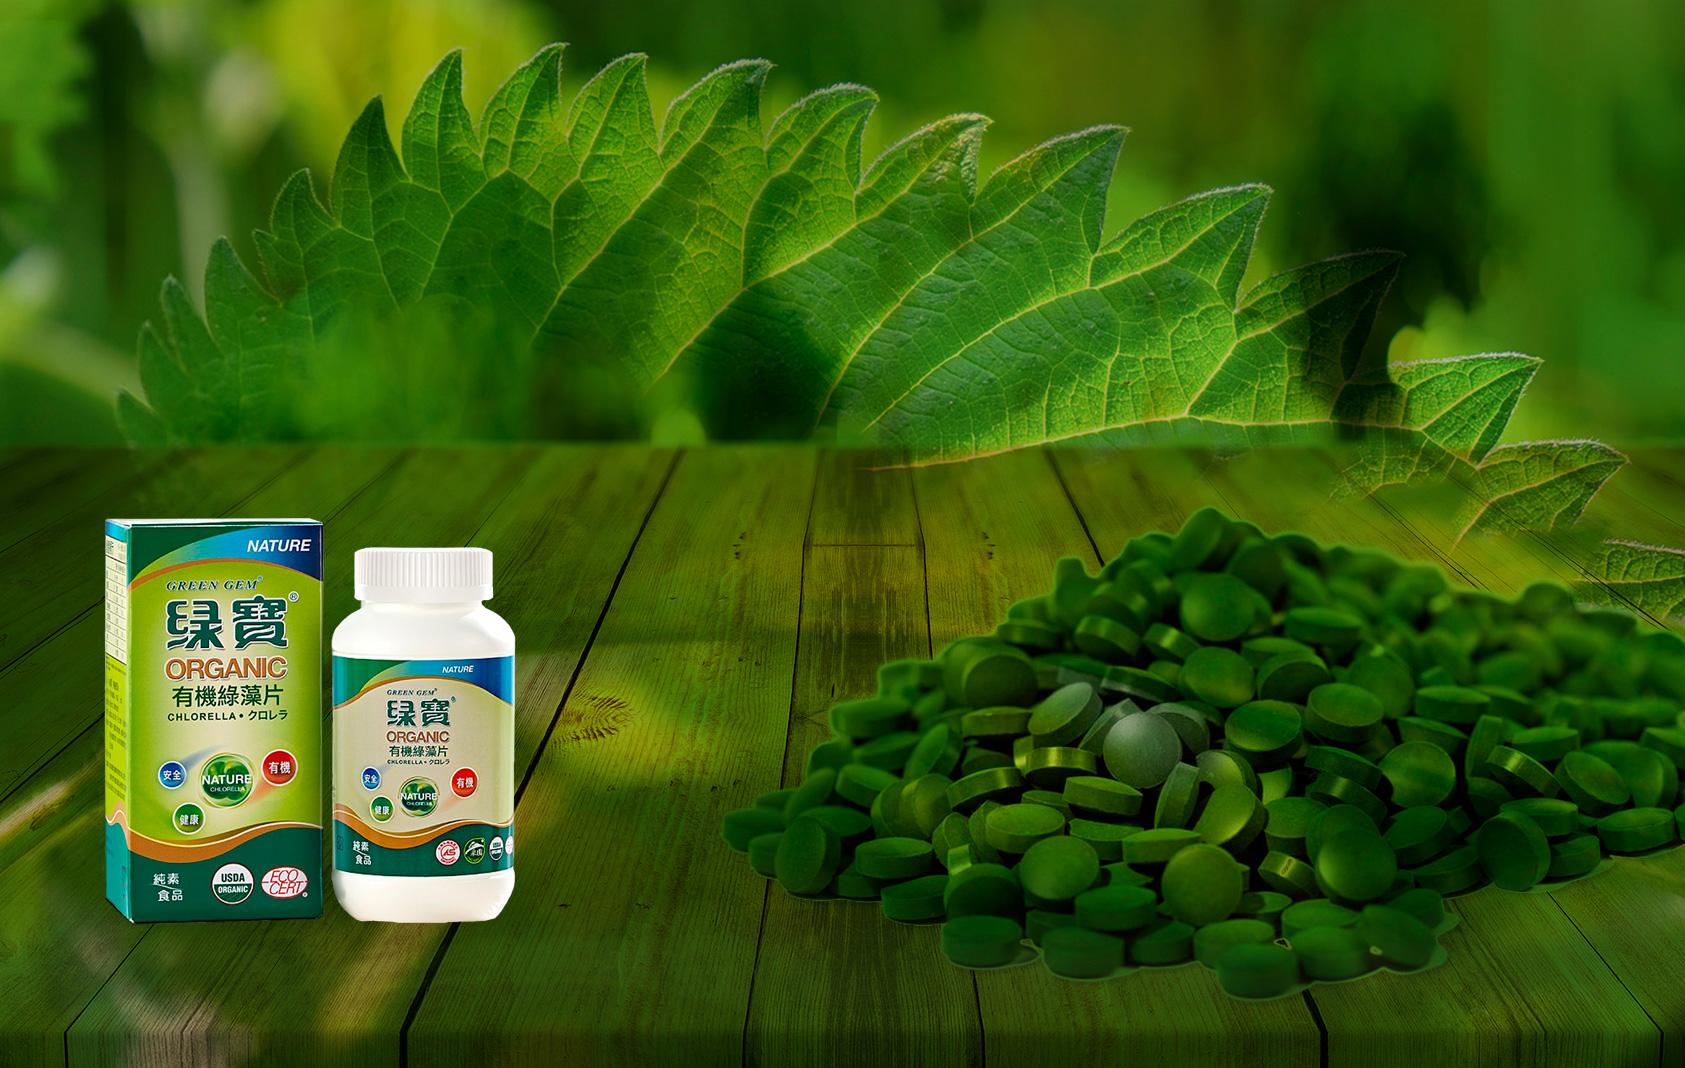 green-gem-chlorella-organica-banner